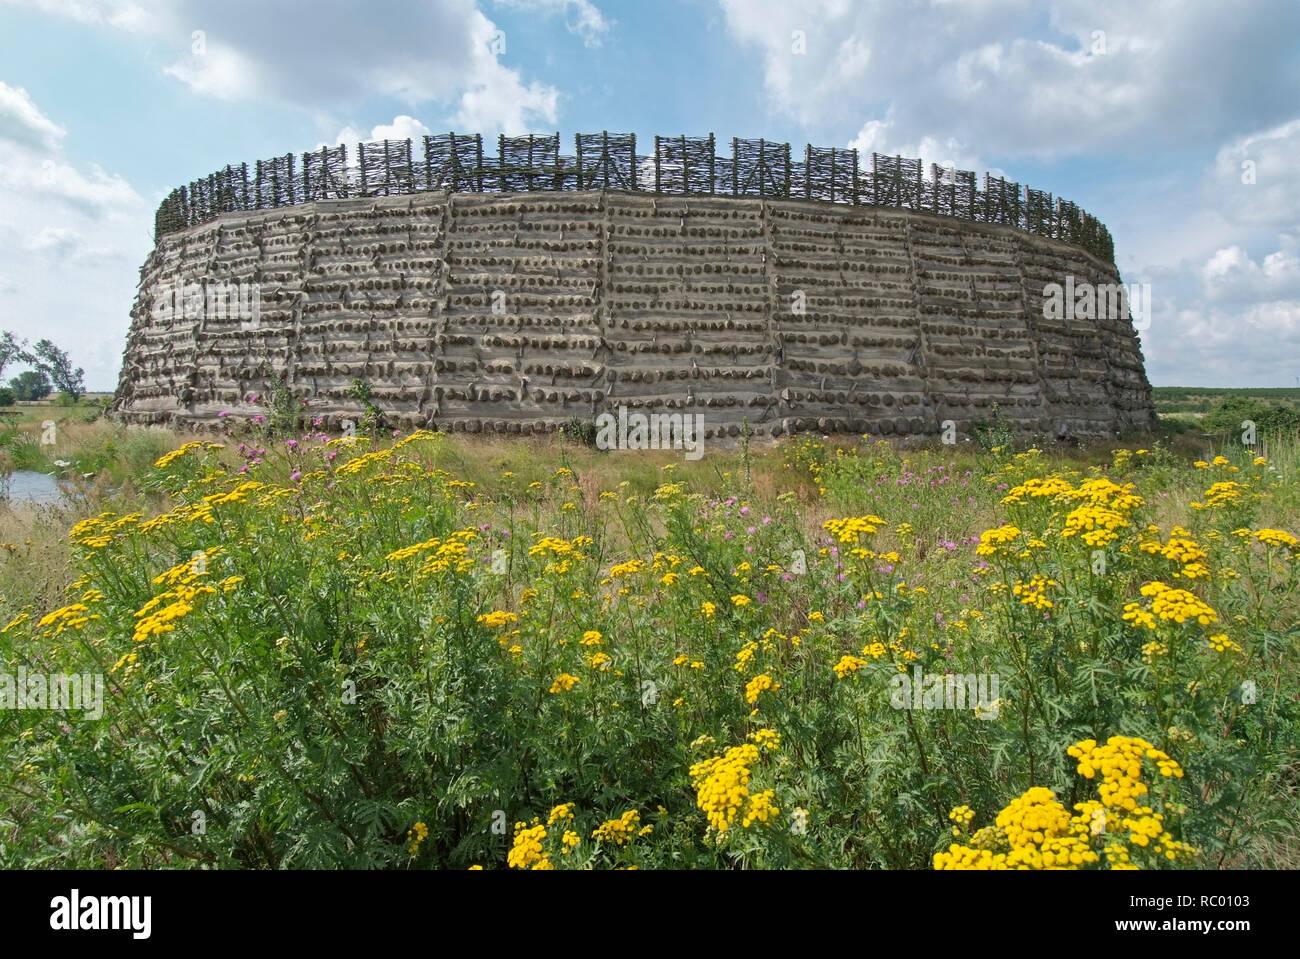 Slawenburg Raddusch bei Vetschau, Spreewald, Landkreis Oberspreewald-Lausitzkreis, Land Brandenburg, Deutschland, Europa   castle for the Wends, Wend' Stock Photo